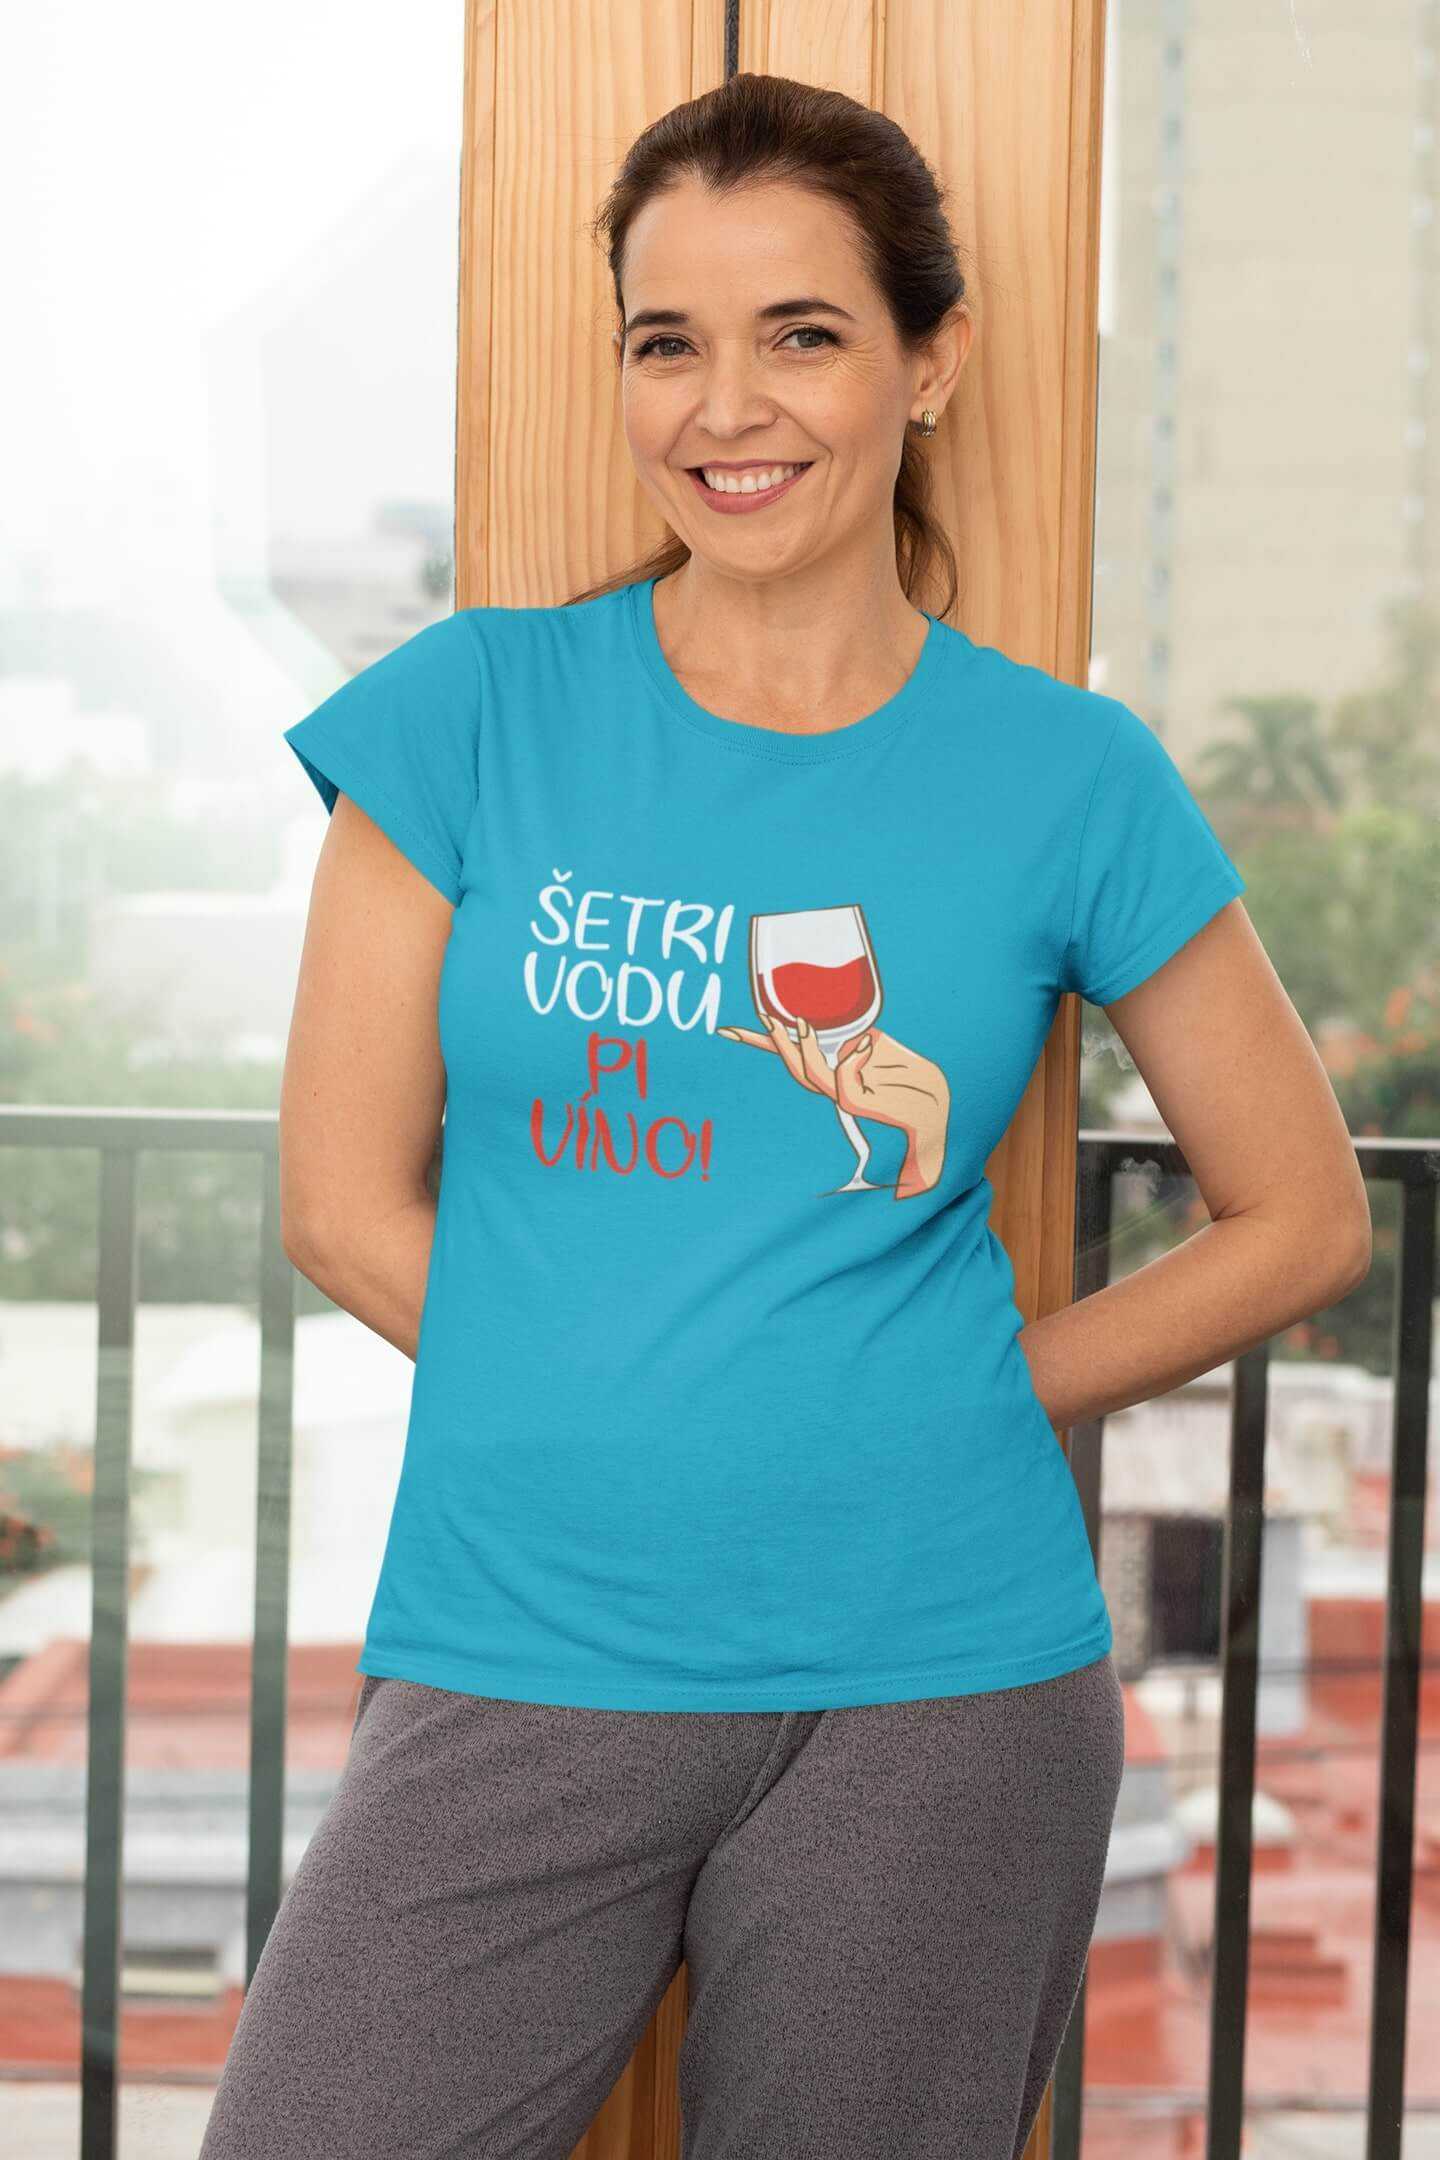 MMO Dámske tričko Pi víno! Vyberte farbu: Tyrkysová, Vyberte veľkosť: L